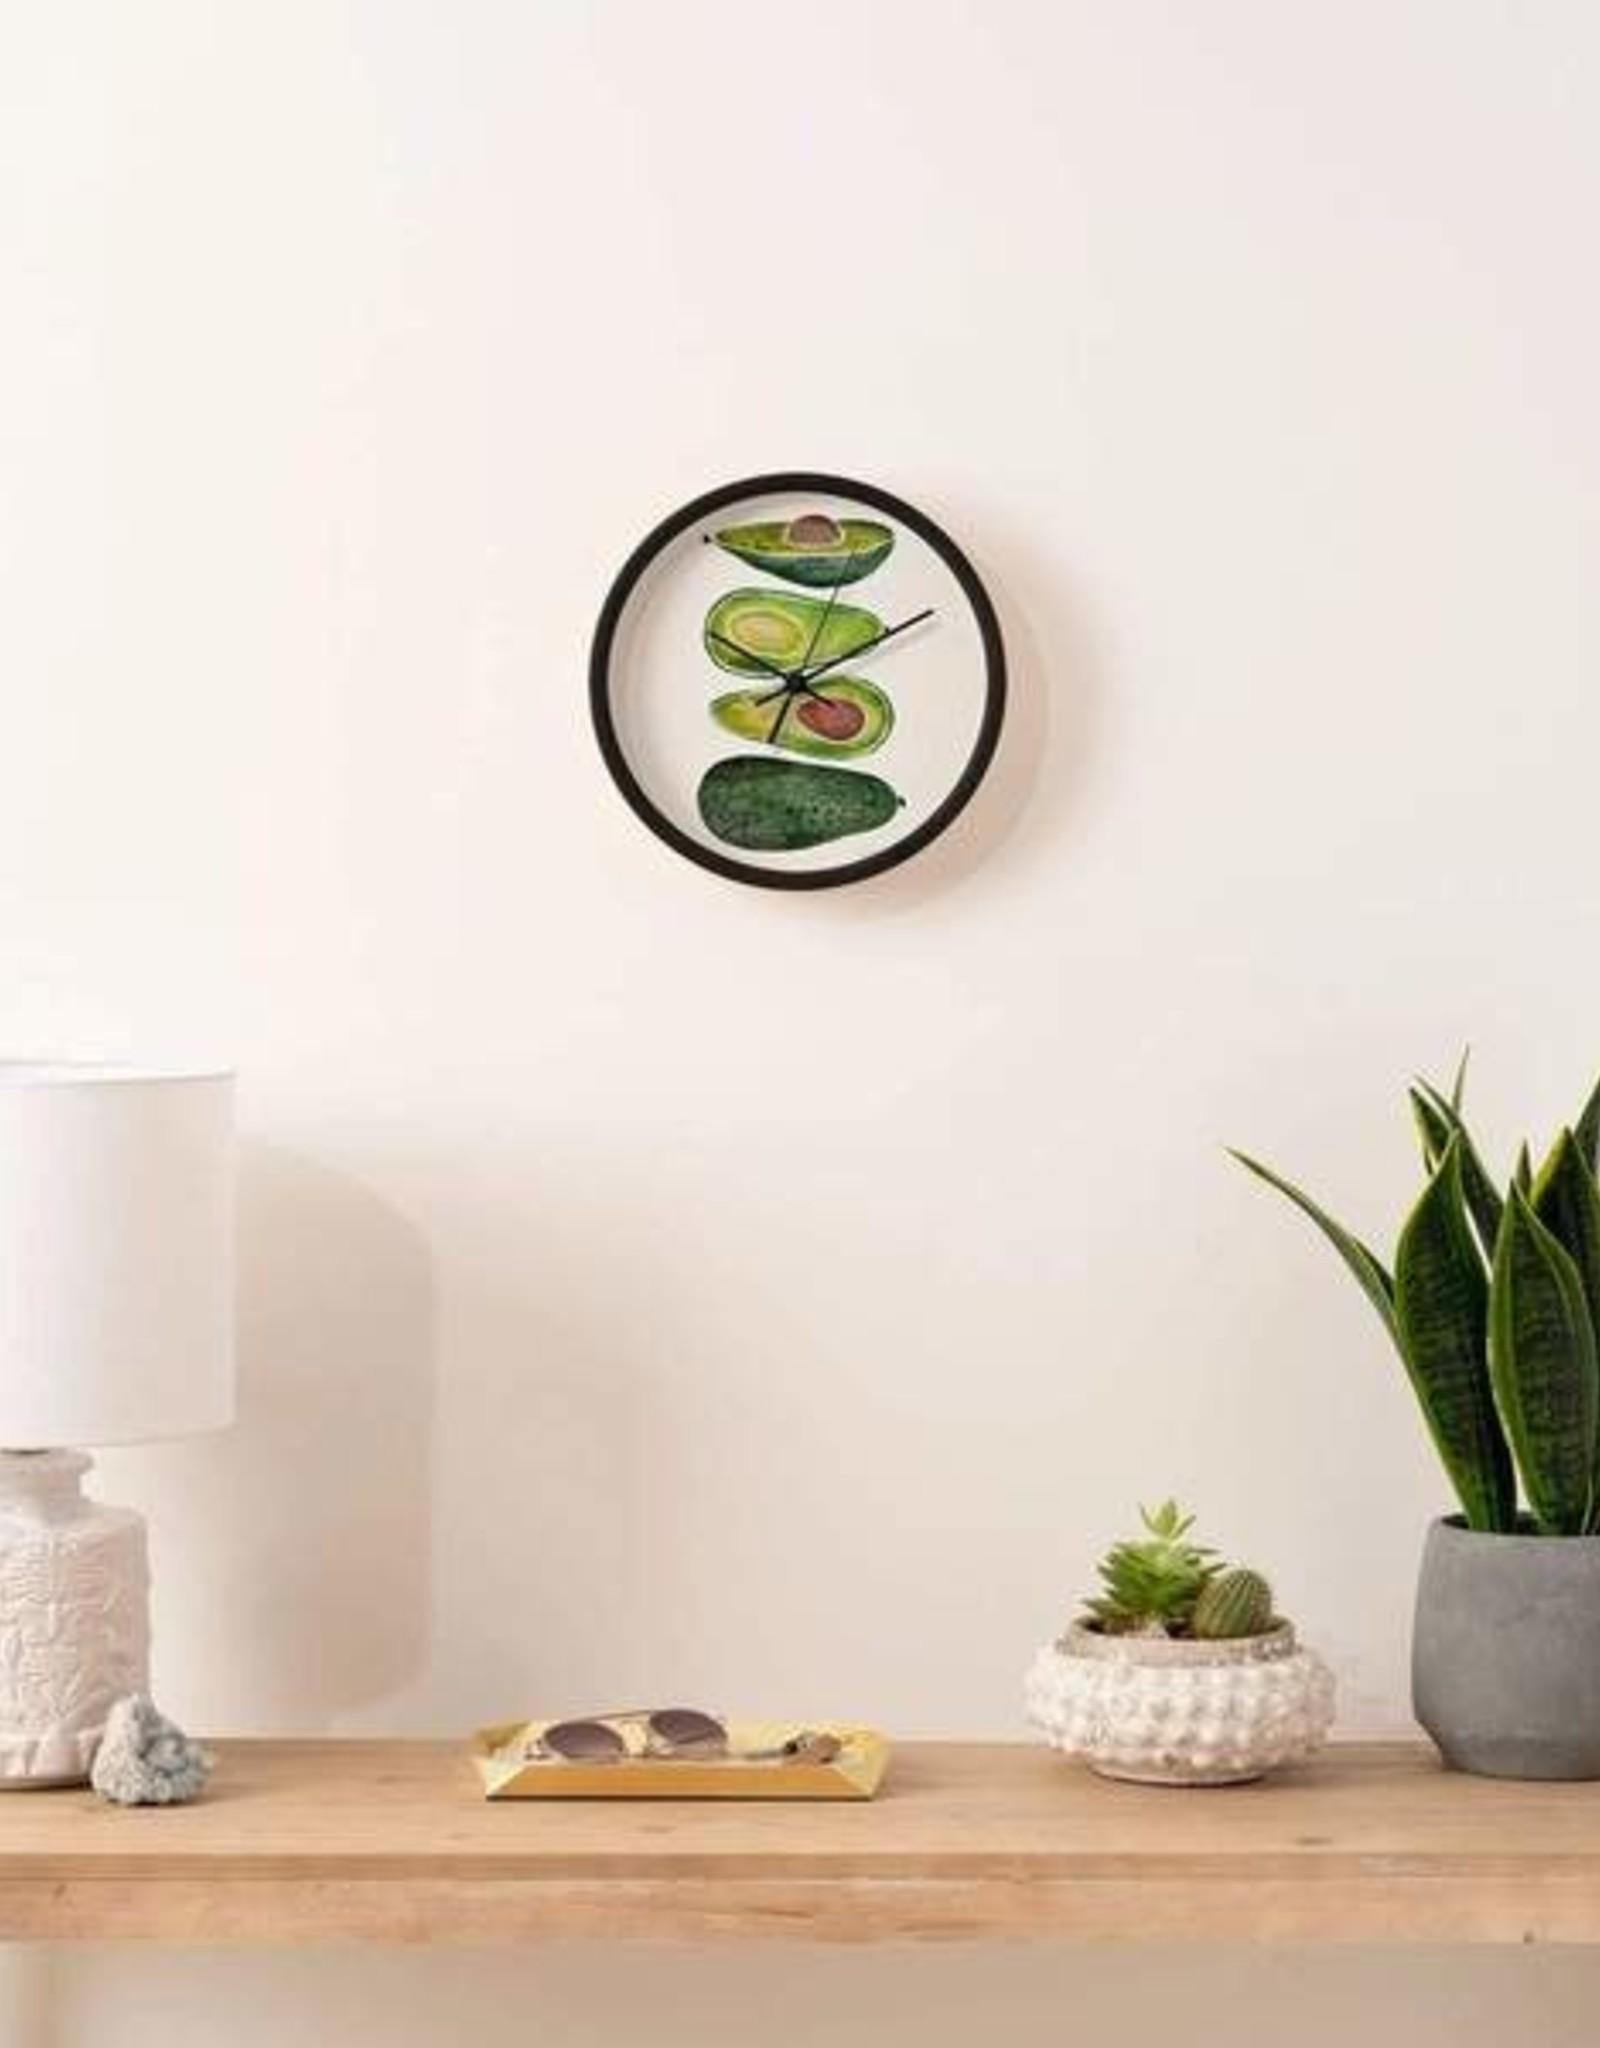 Deny Designs Clock - Avocado